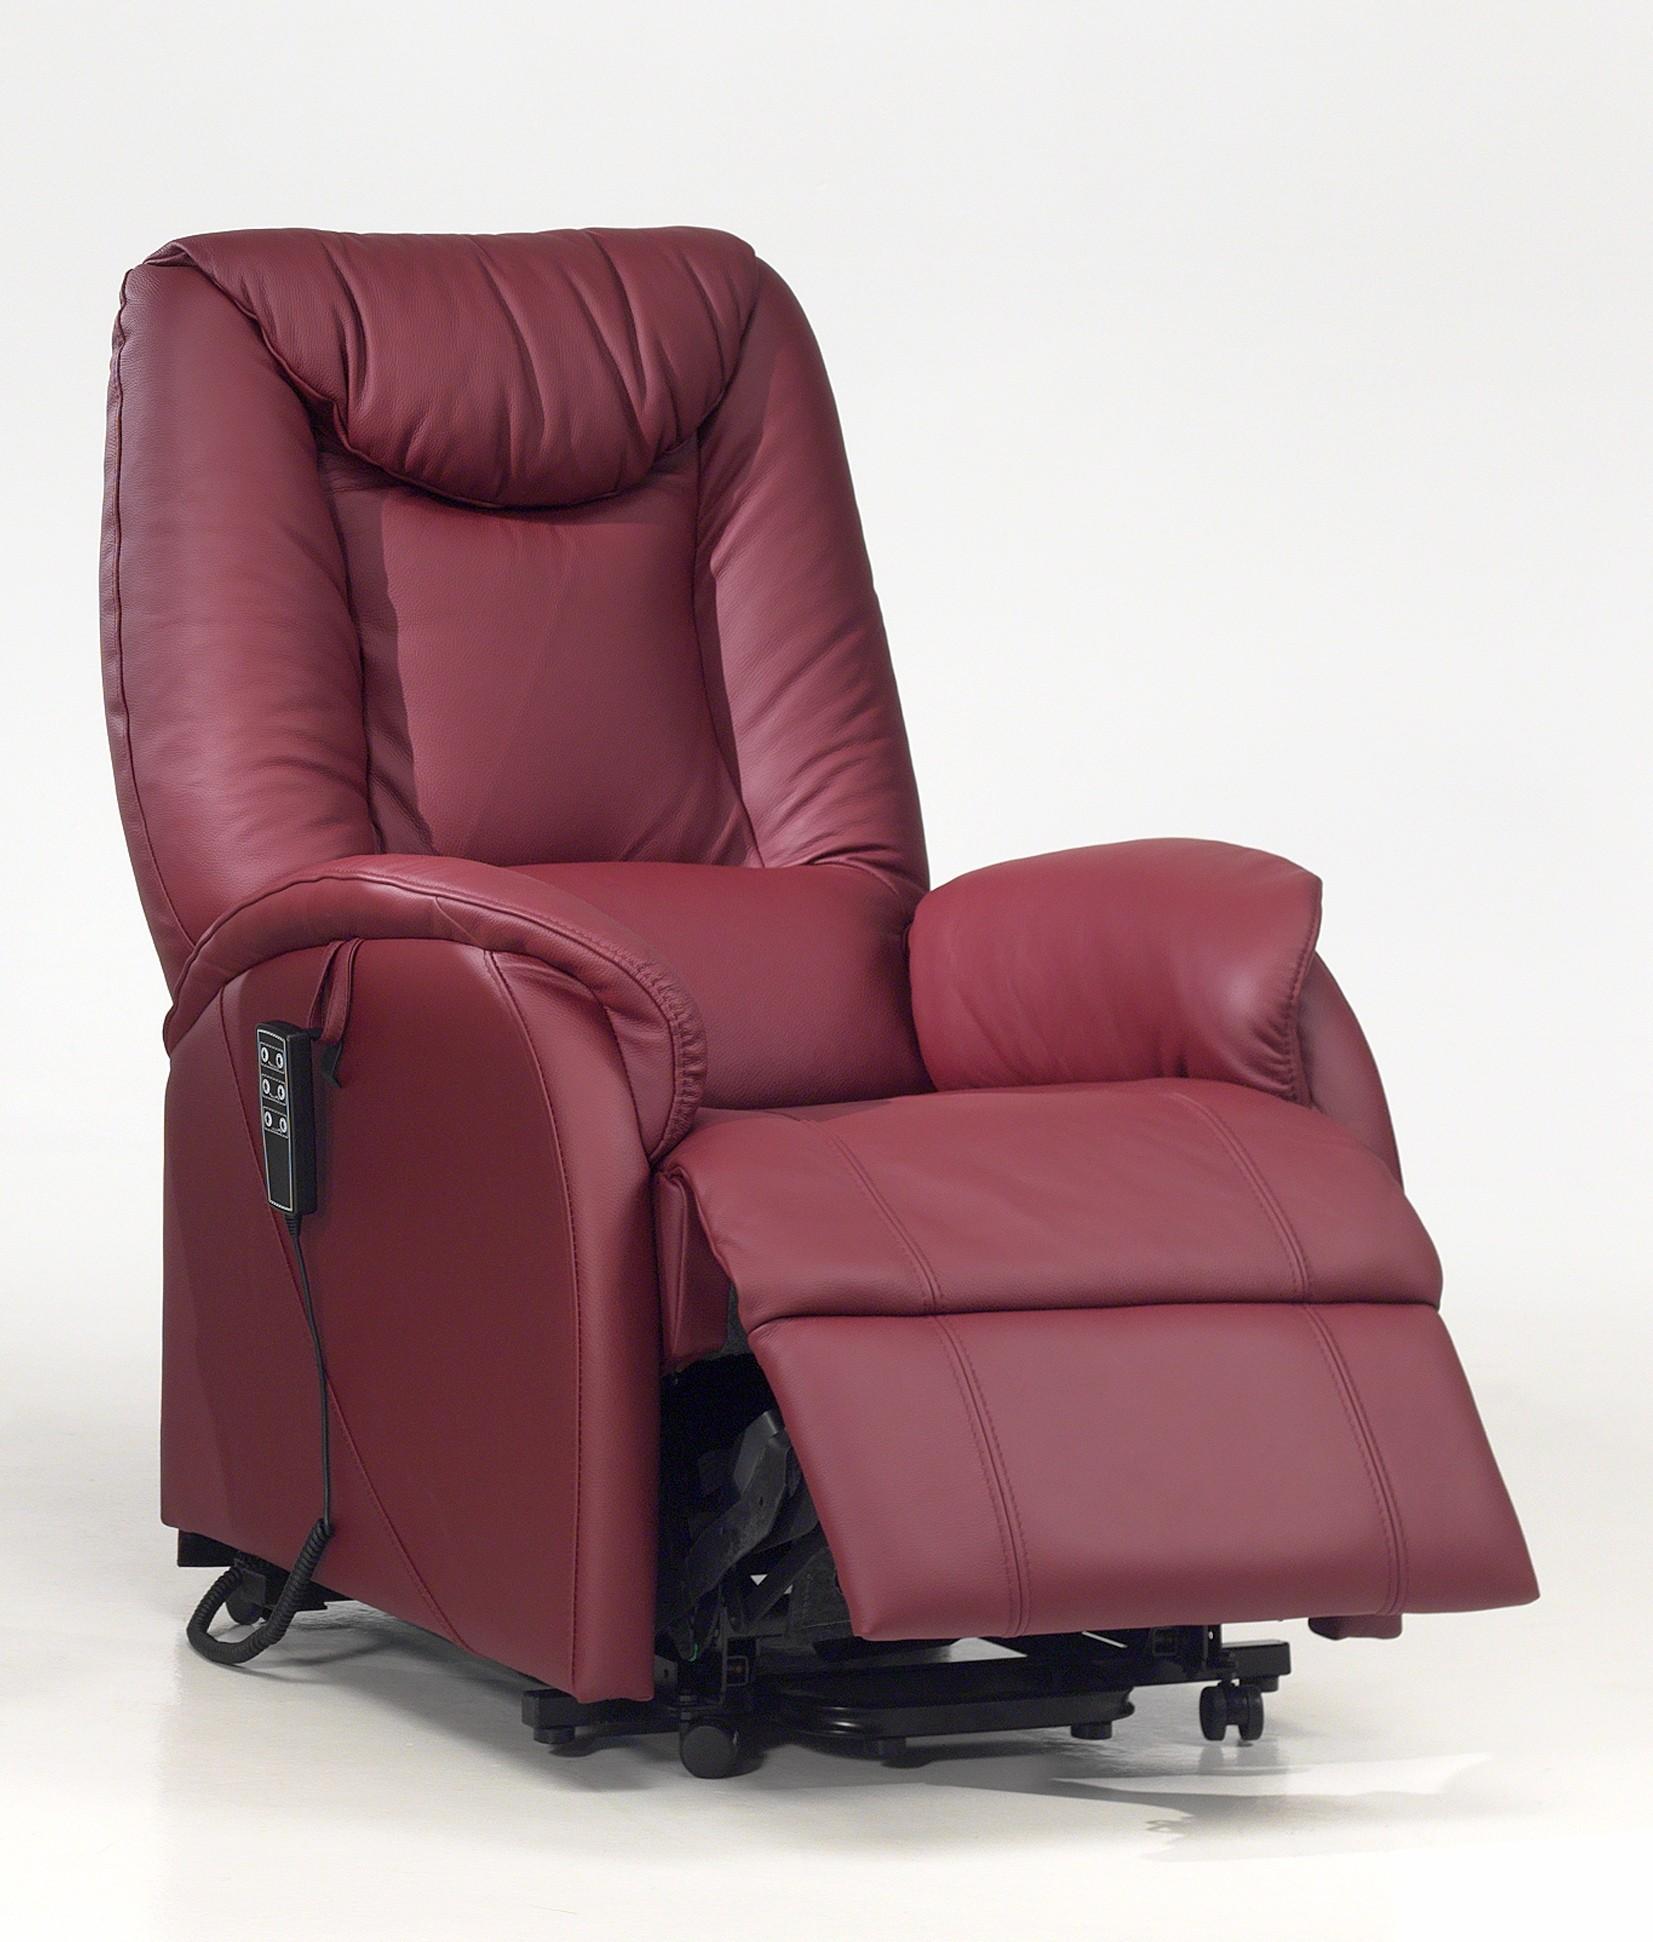 Fauteuil de relaxation 100 % cuir électrique releveur avec repose-pieds intégré BORNEO